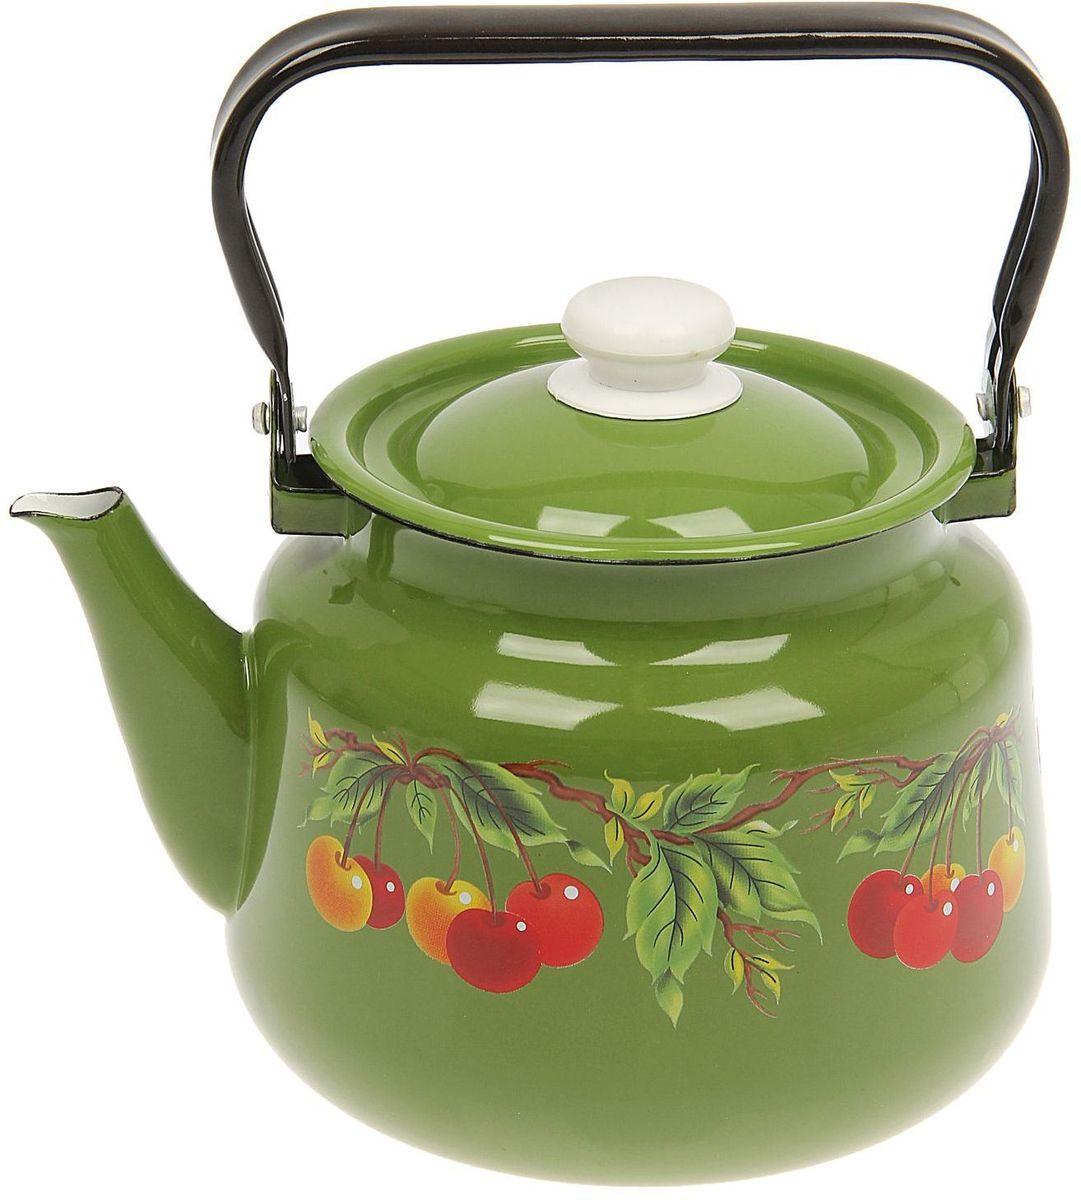 Чайник эмалированный Epos Зеленая вишня, 3,5 л1444510Чайник Epos Зеленая вишня выполнен из высококачественной стали с эмалированным покрытием. Поверхность чайникагладкая, что облегчает уход за ним. Большой объемпозволит приготовить напиток для всей семьи илинебольшой компании. Эстетичный и функциональный чайник будеторигинально смотреться в любом интерьере. Душевная атмосфера и со вкусом накрытый стол всегда будут собирать в вашем доме близких и друзей.Чайник подходит для использования на всех типах плит,включая индукционные. Объем: 3,5 л.